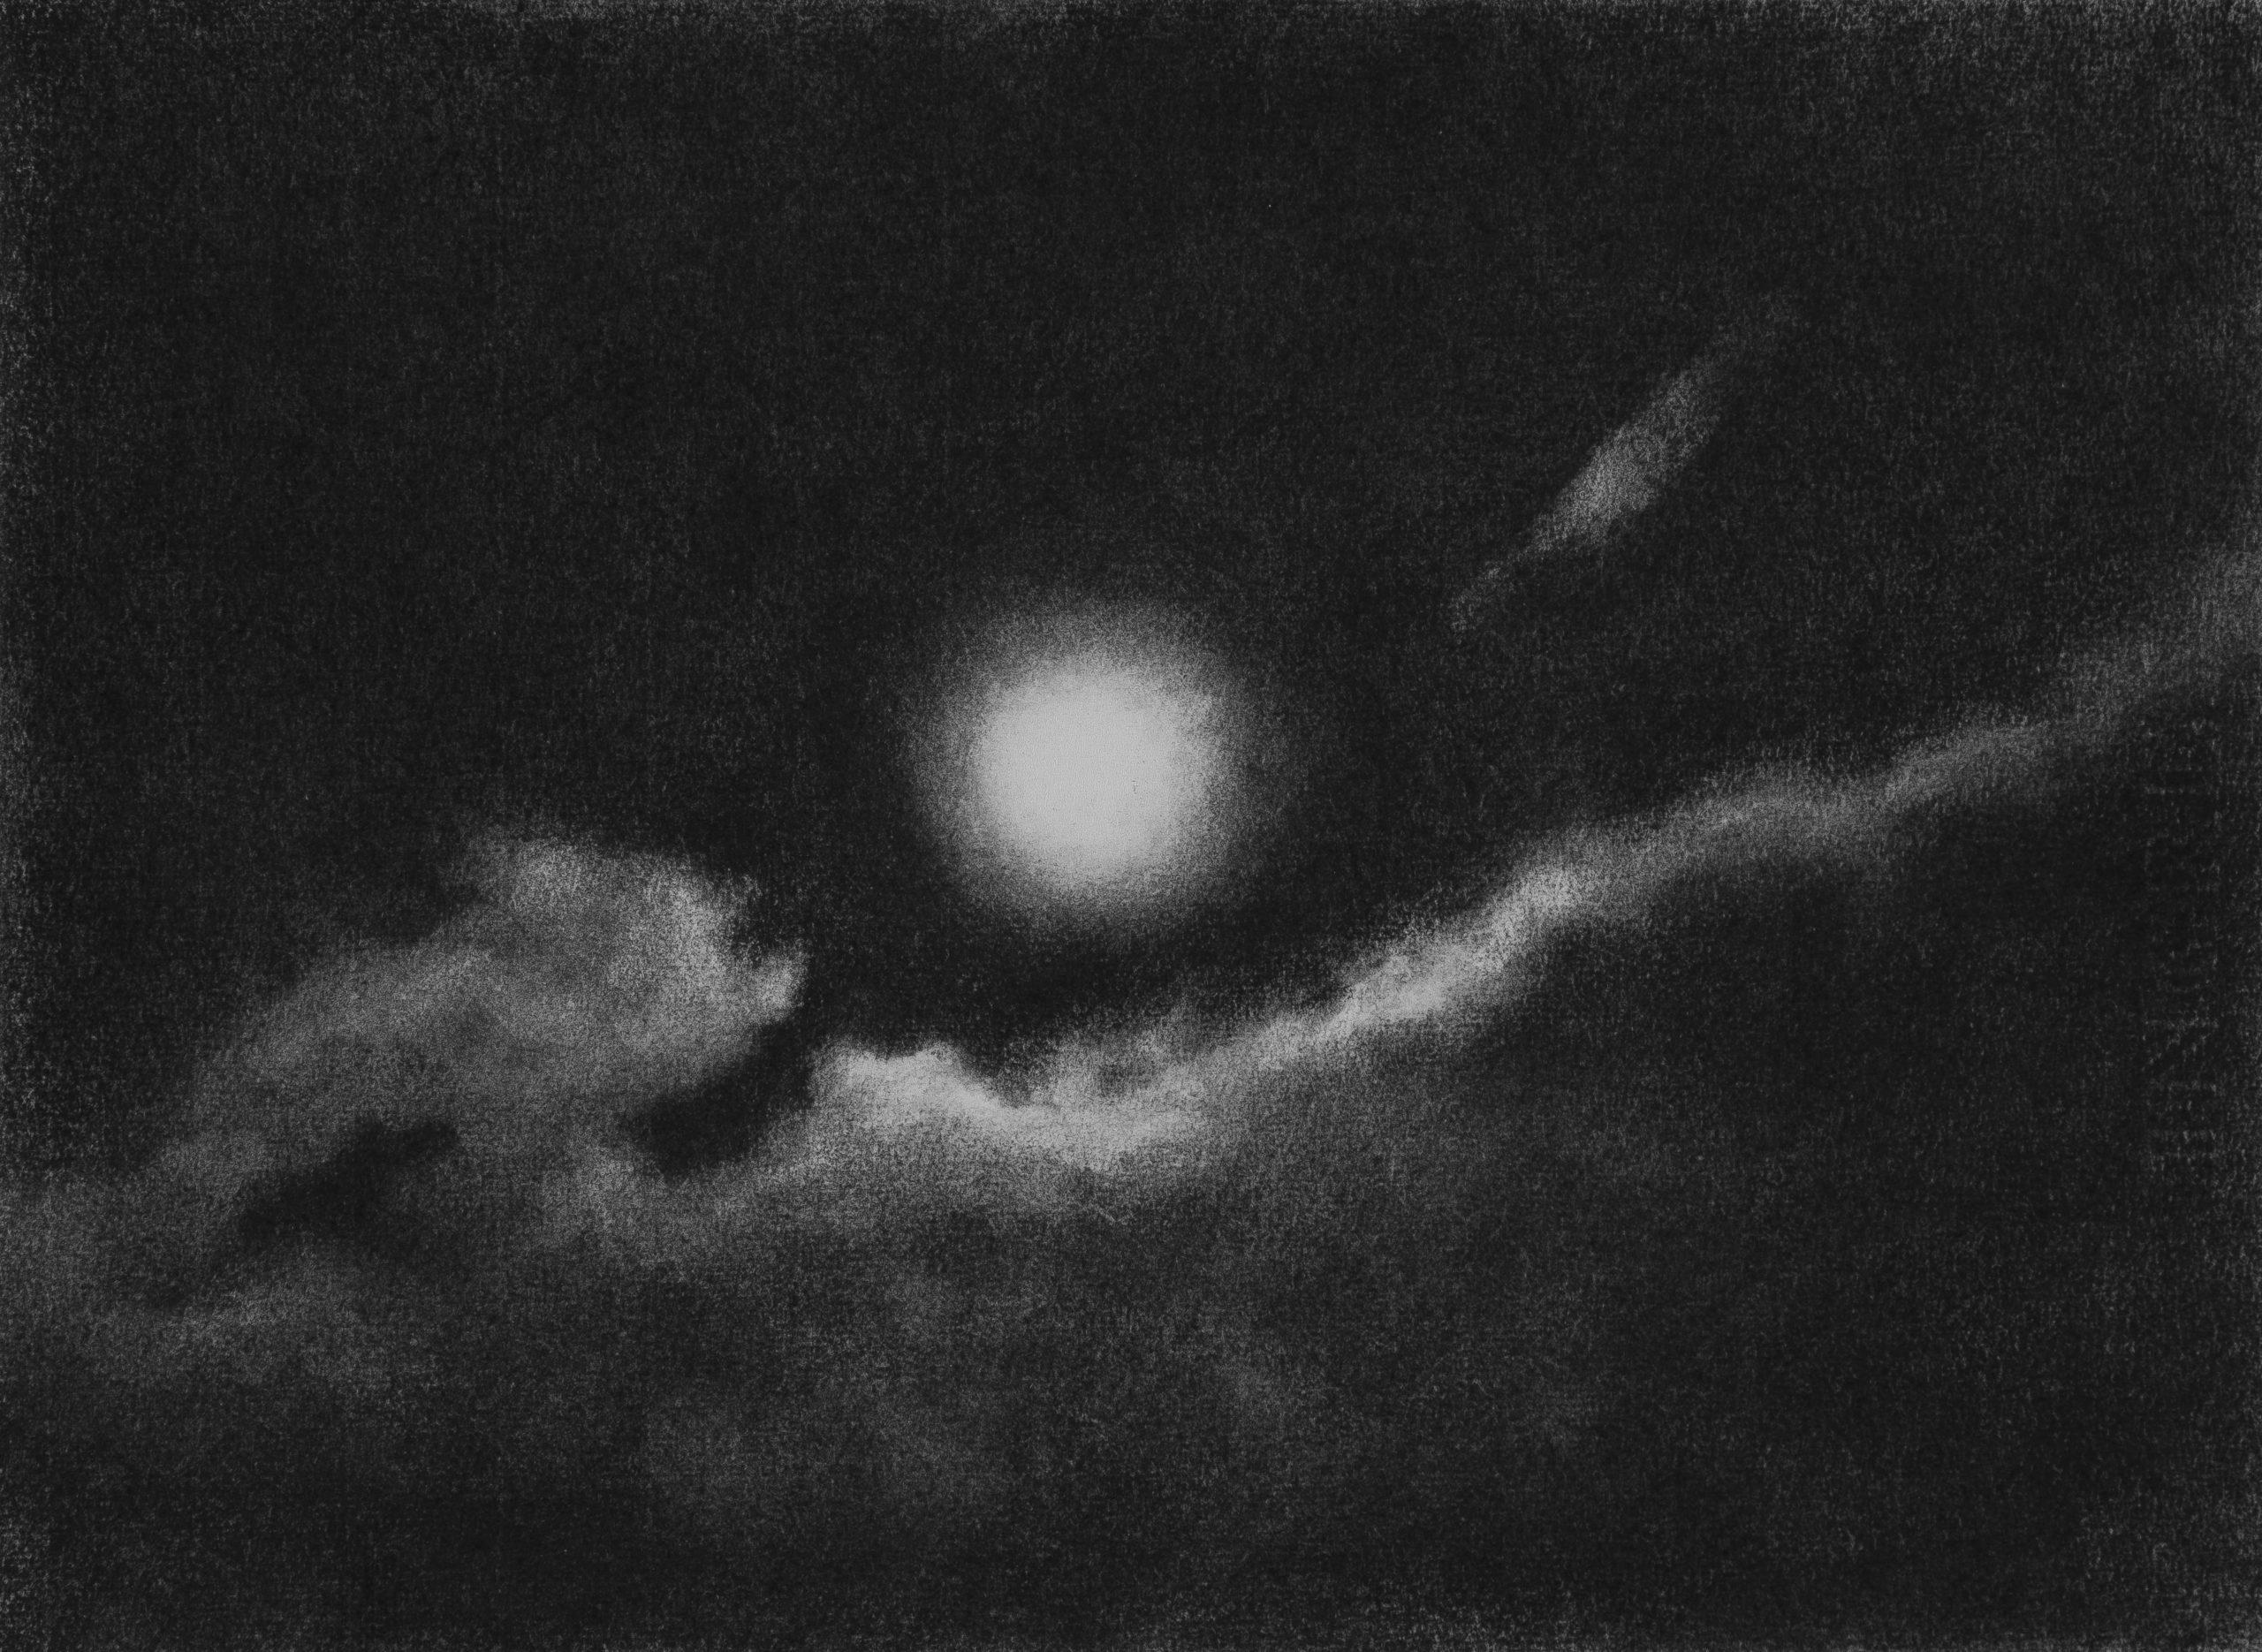 GONZALO-SICRE-Nocturno I Lápiz Conté sobre papel 30 x 40 cm. 2020